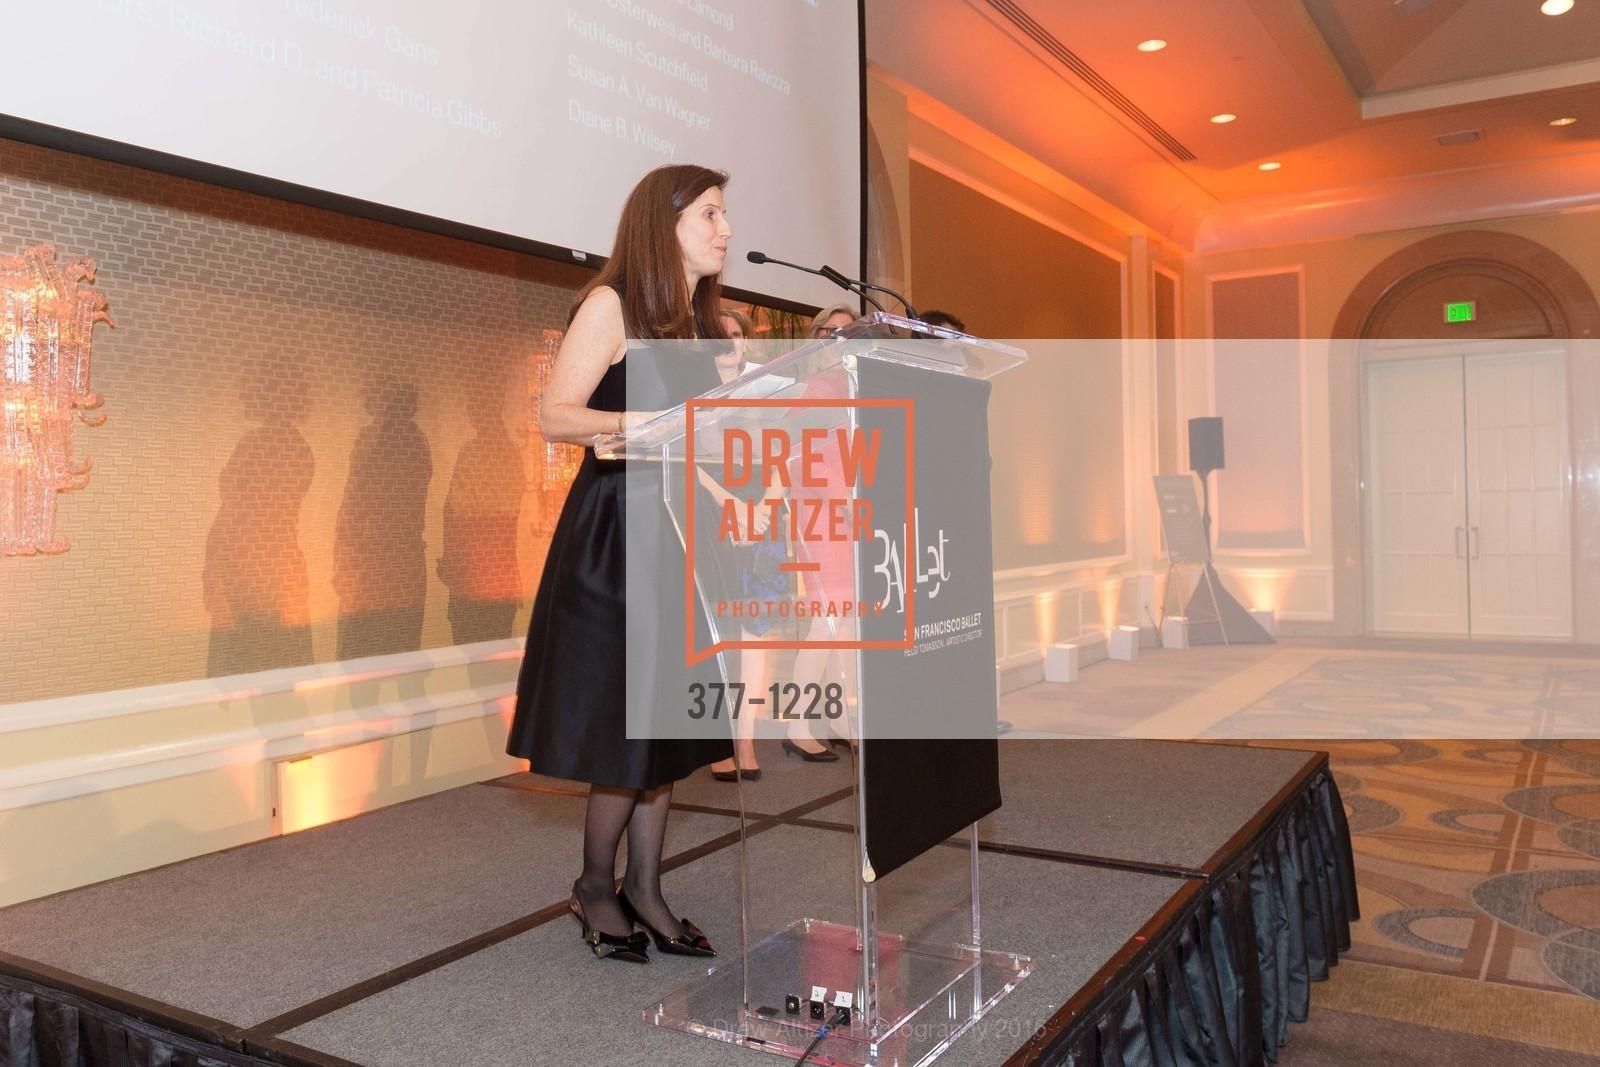 Michelle Gilman-Jasen, Photo #377-1228